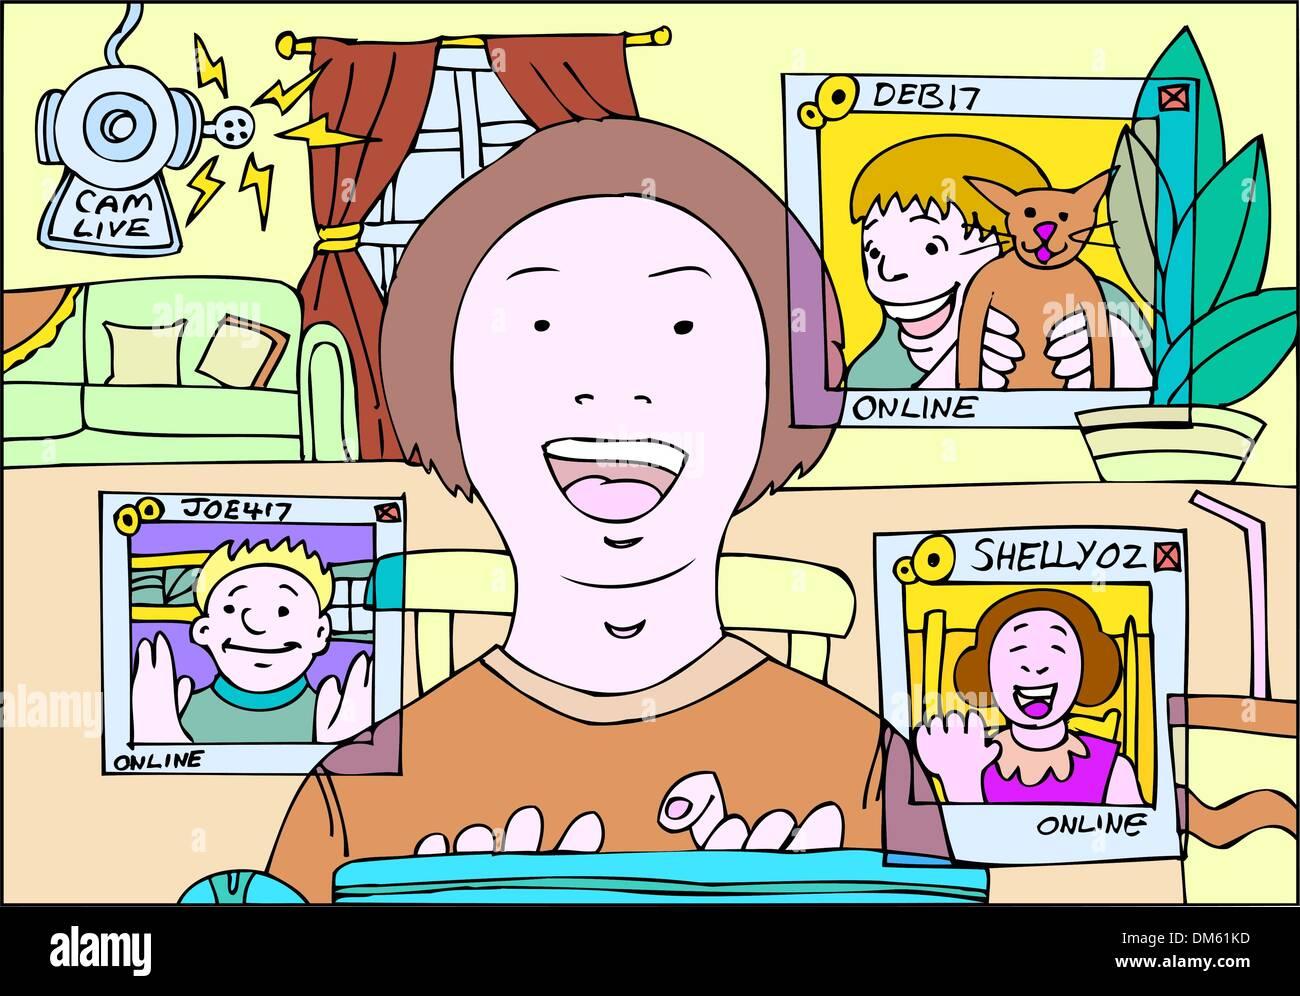 Online webcam room